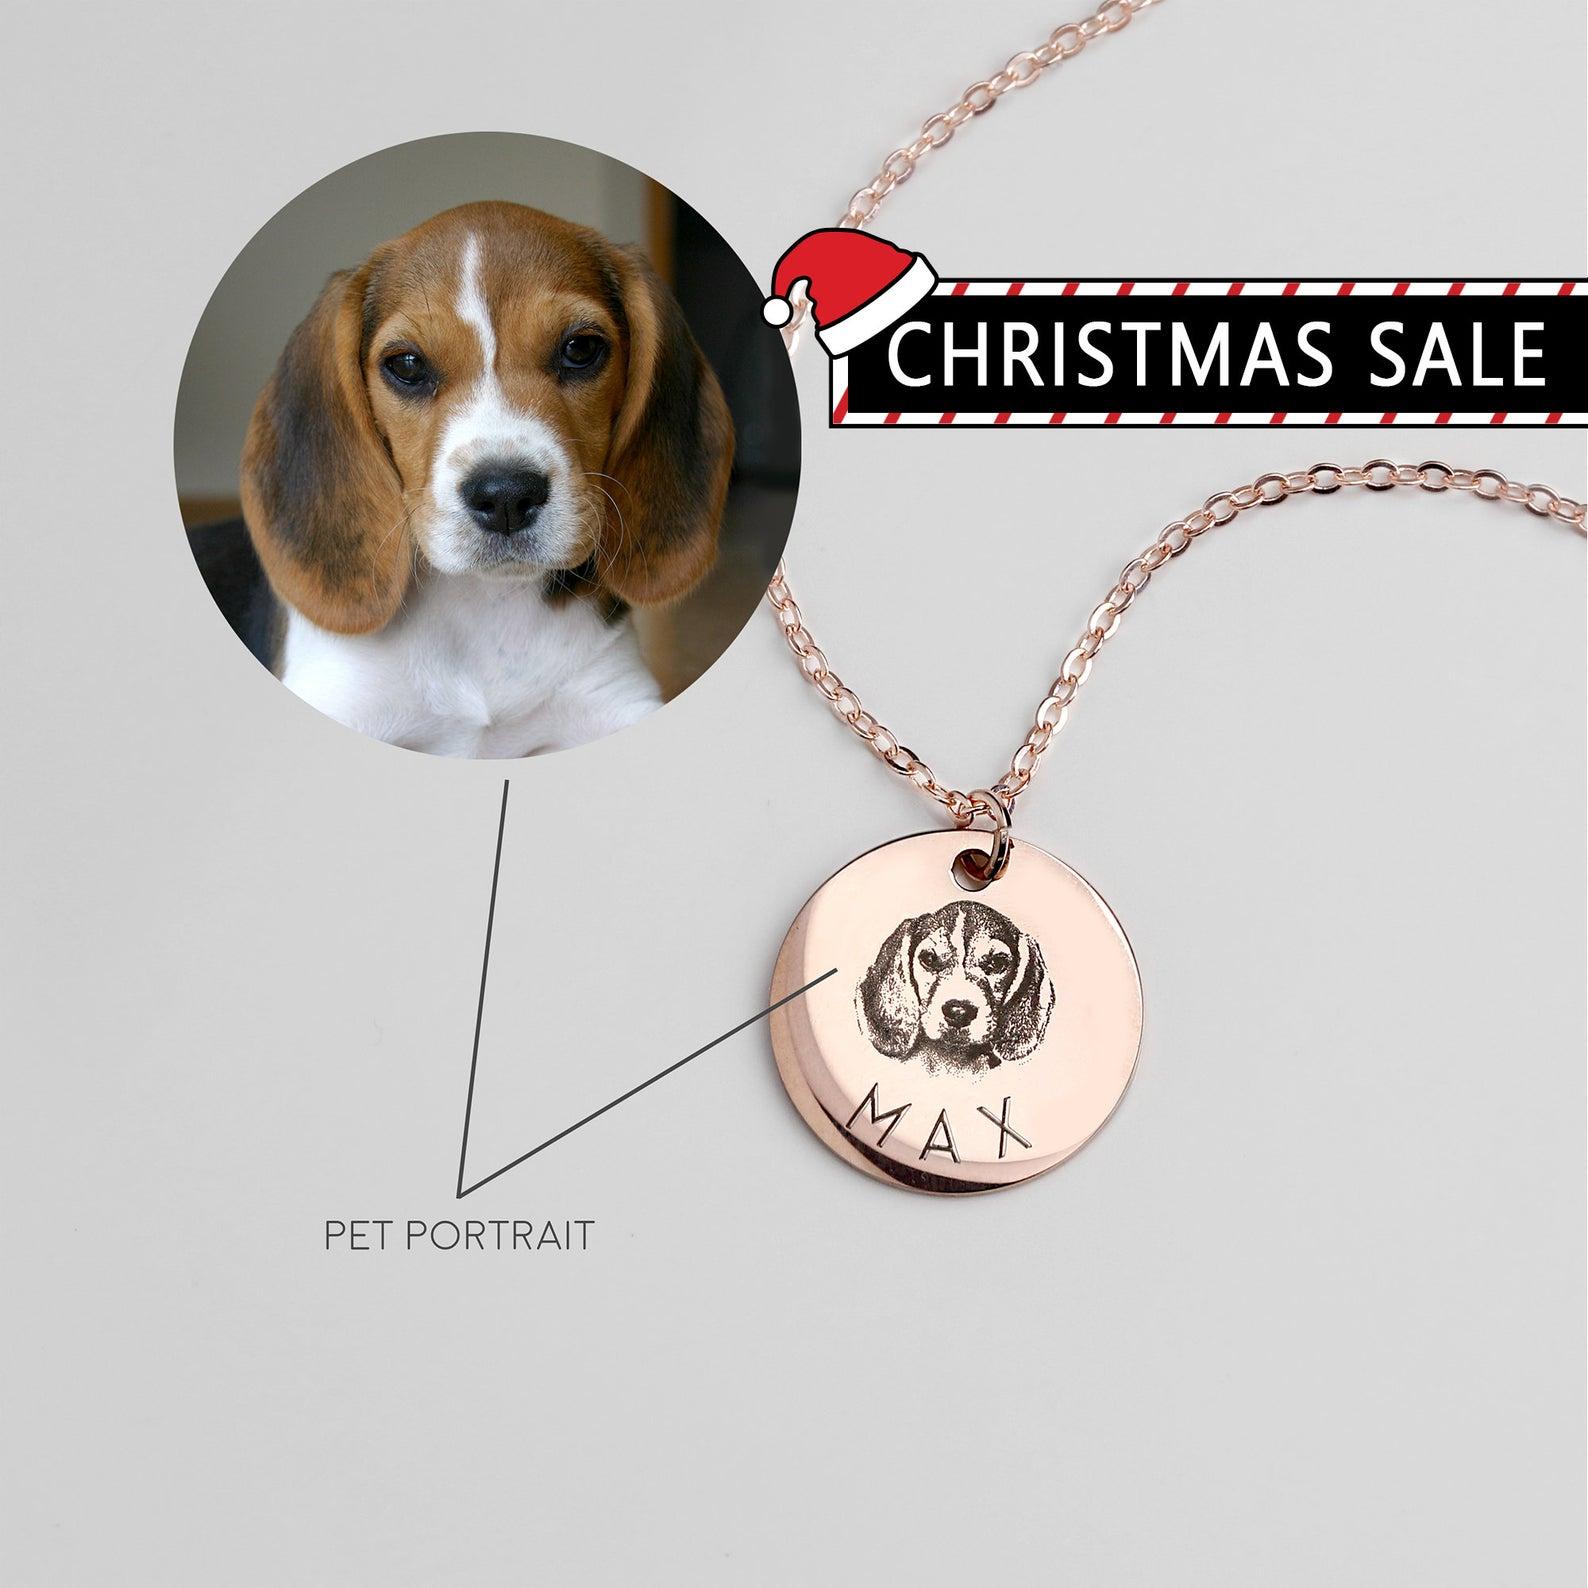 Etsy propose plein de promos dans cette sélection spéciale Noël!